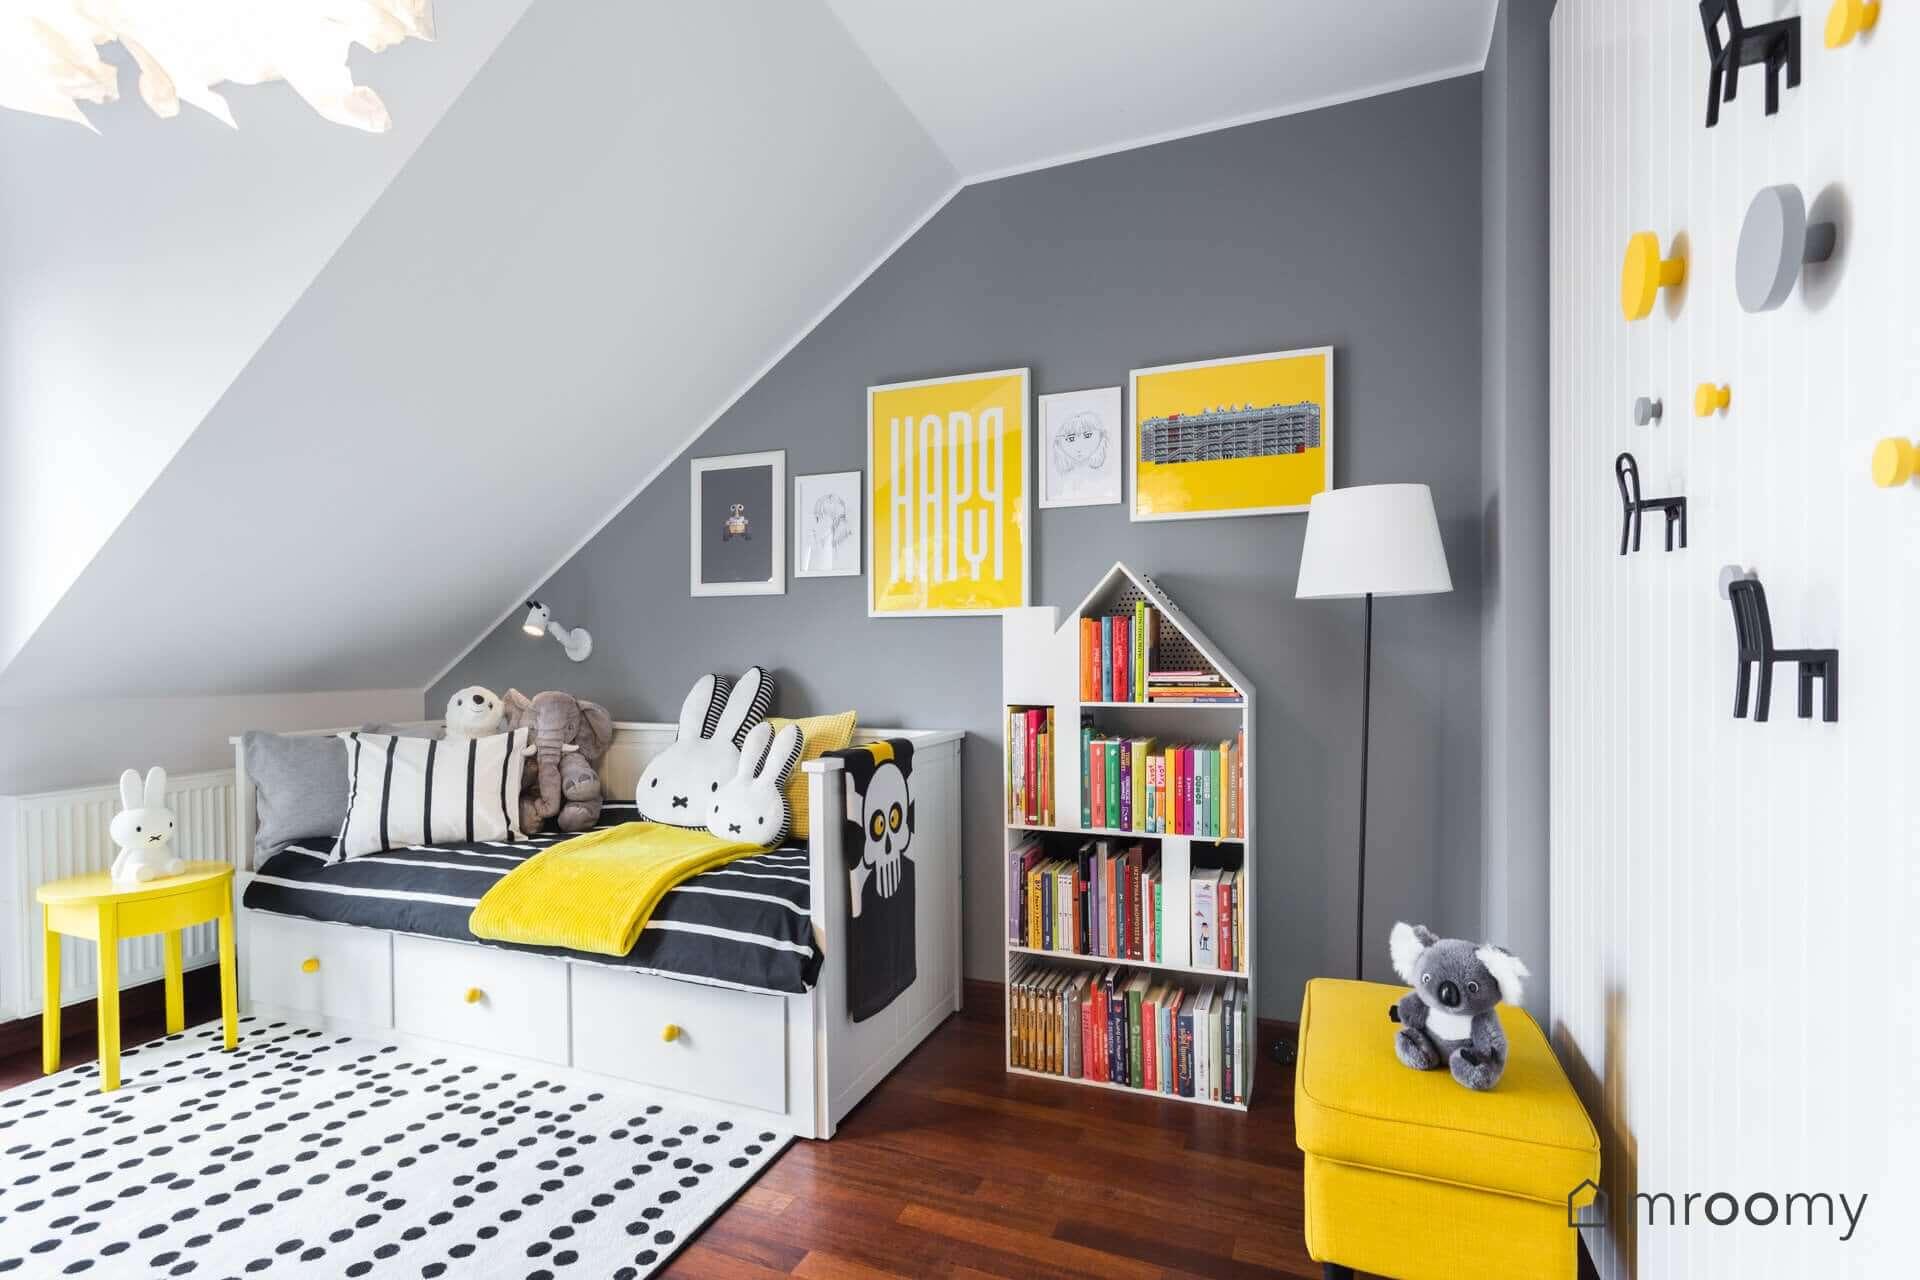 żółto czarny pokój dziewczynki 6 lat hemnes mroomy